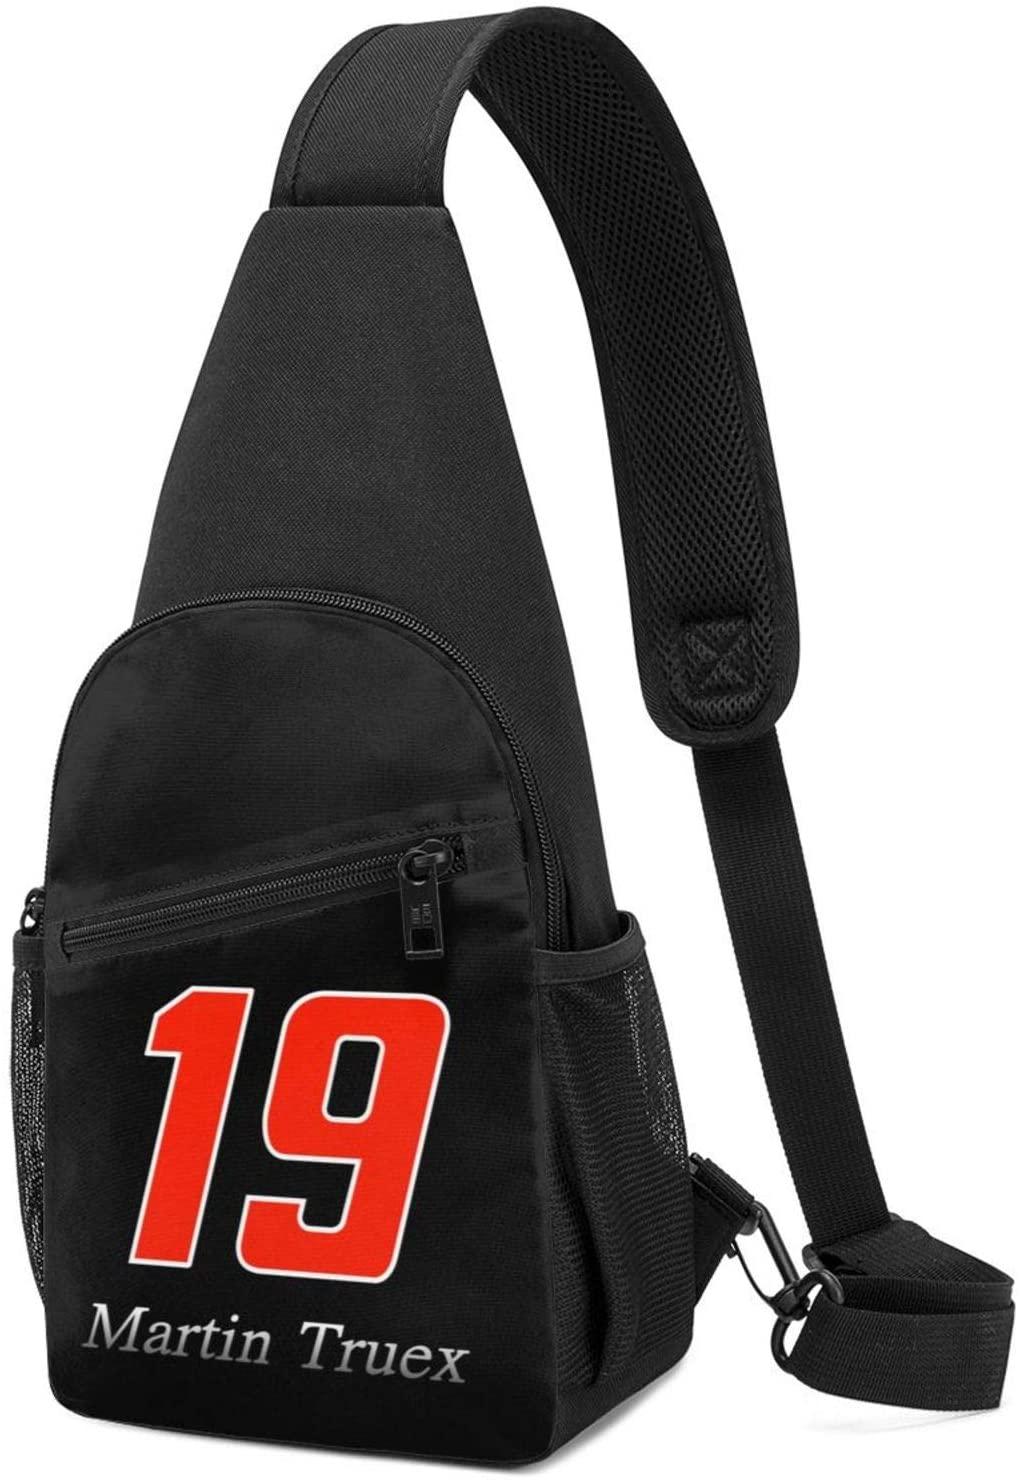 FGHFGHF Martin Truex Jr Crossbody Sling Backpack Sling Bag Travel Hiking Chest Bag Daypack